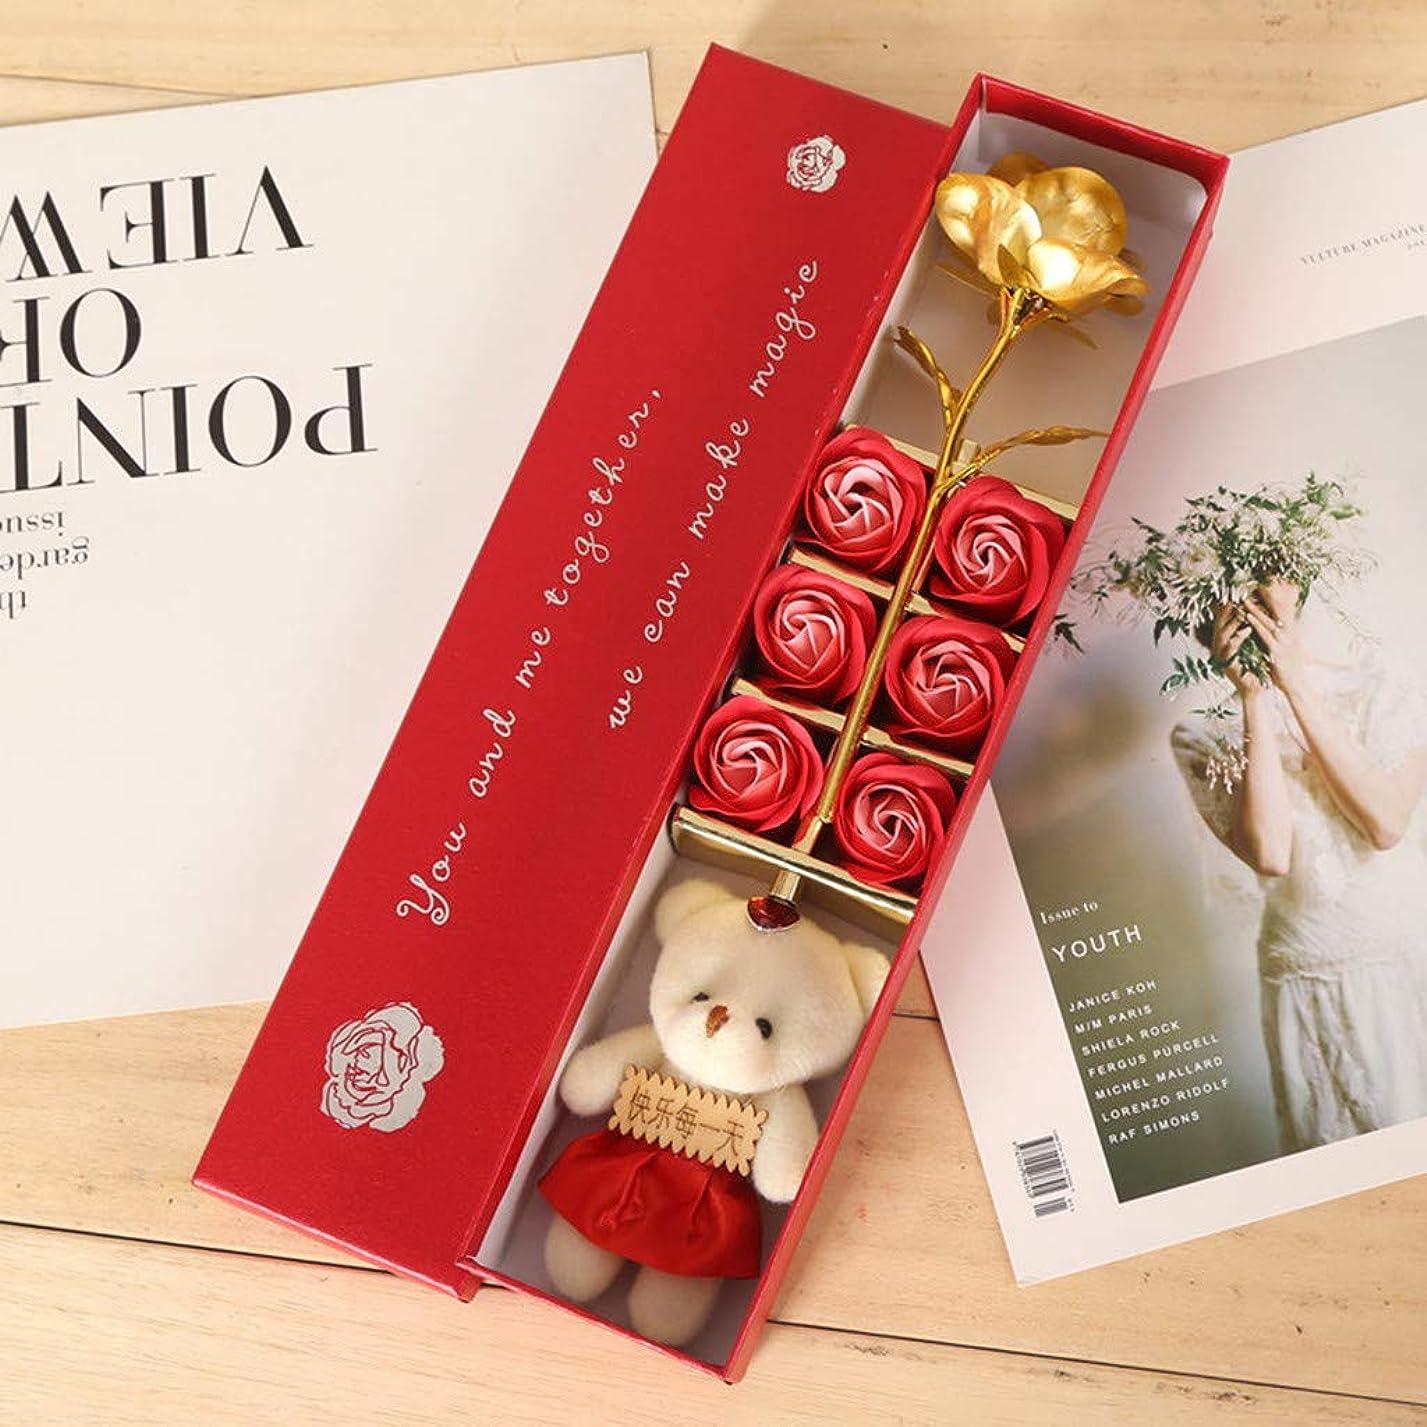 汚物十二アラバマ【ゴールデンローズギフトボックス】6石鹸のバラの花/せっけんの花/かわいいバラ/素敵な女の子/ママへのユニークな贈り物/誕生日/母の日/記念日/バレンタインデー/卒業プレゼント/あなたが愛した人のための女性 (レッド)